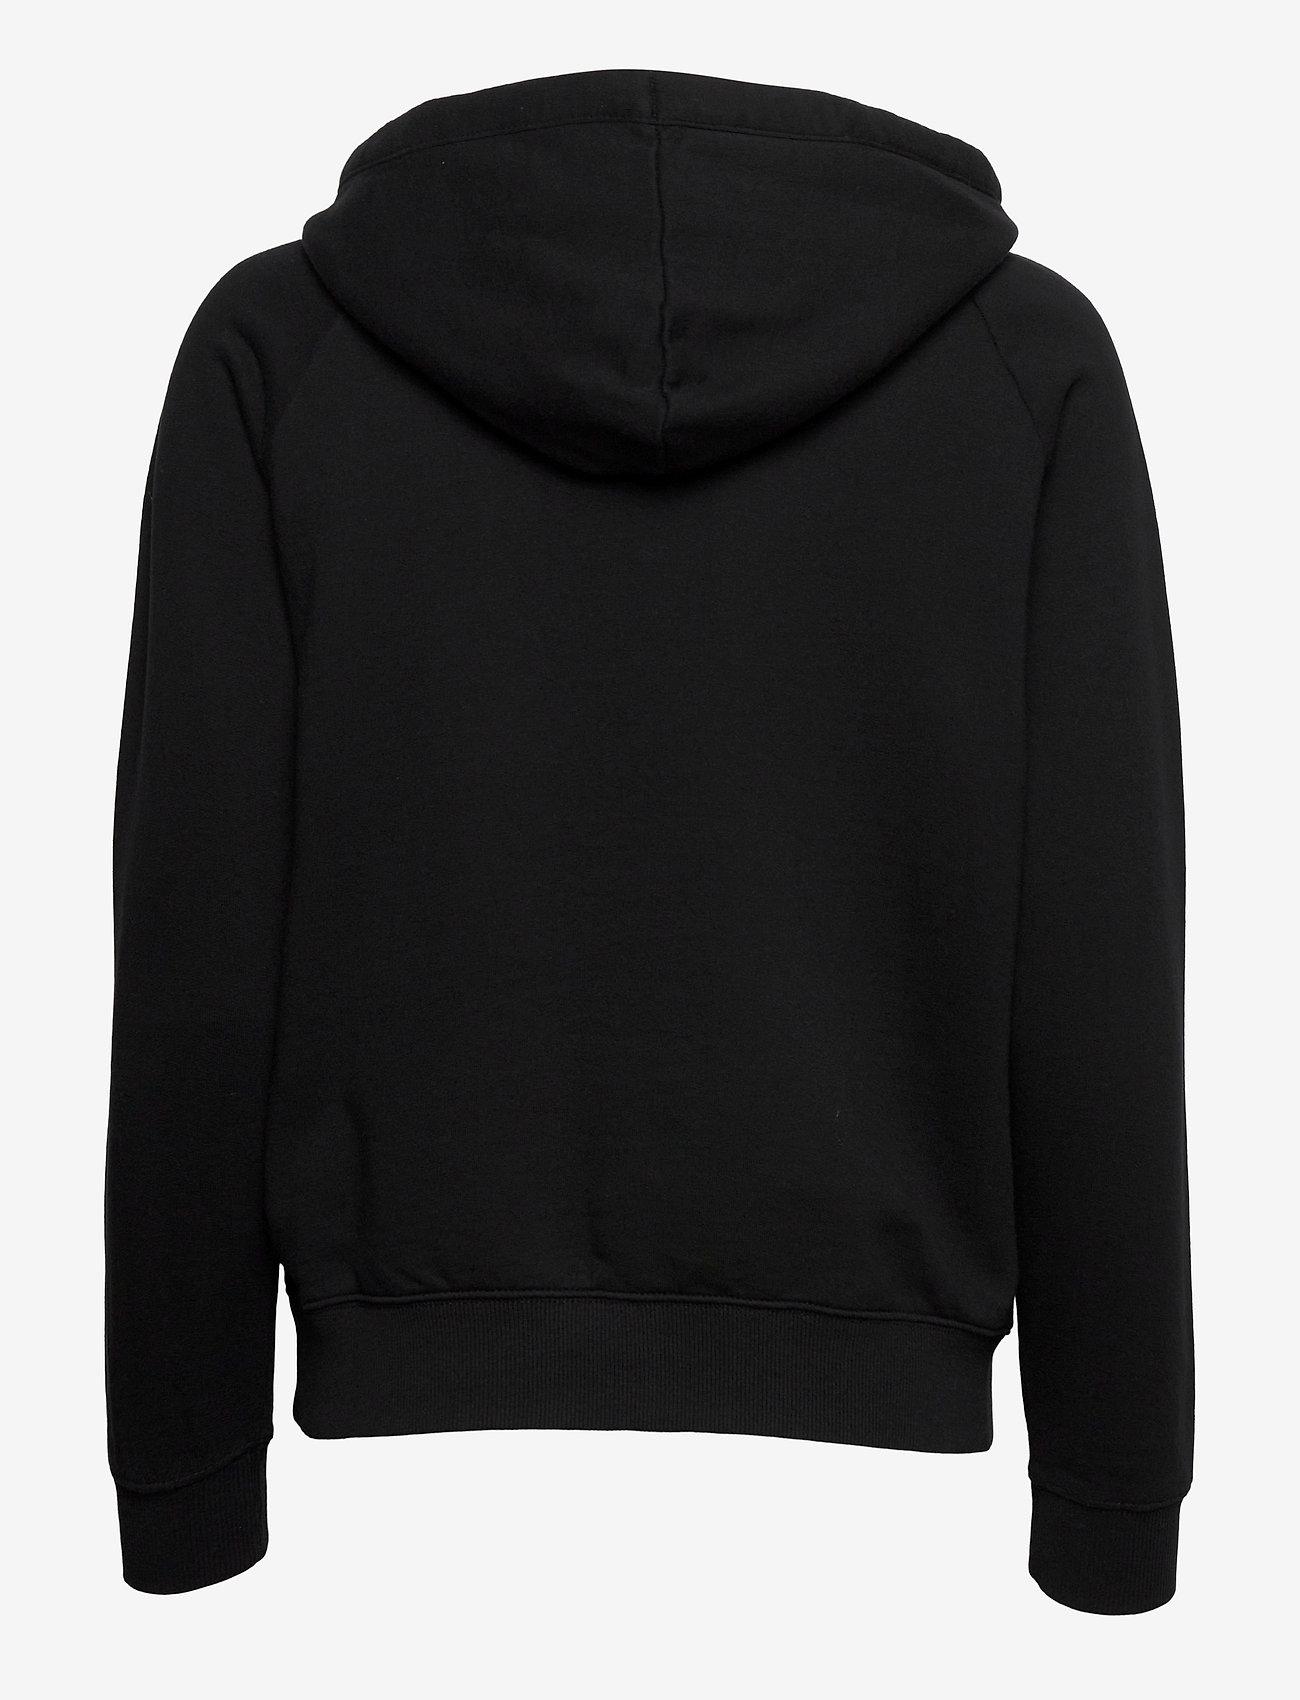 Lee Jeans - HOODIE - hættetrøjer - black - 1